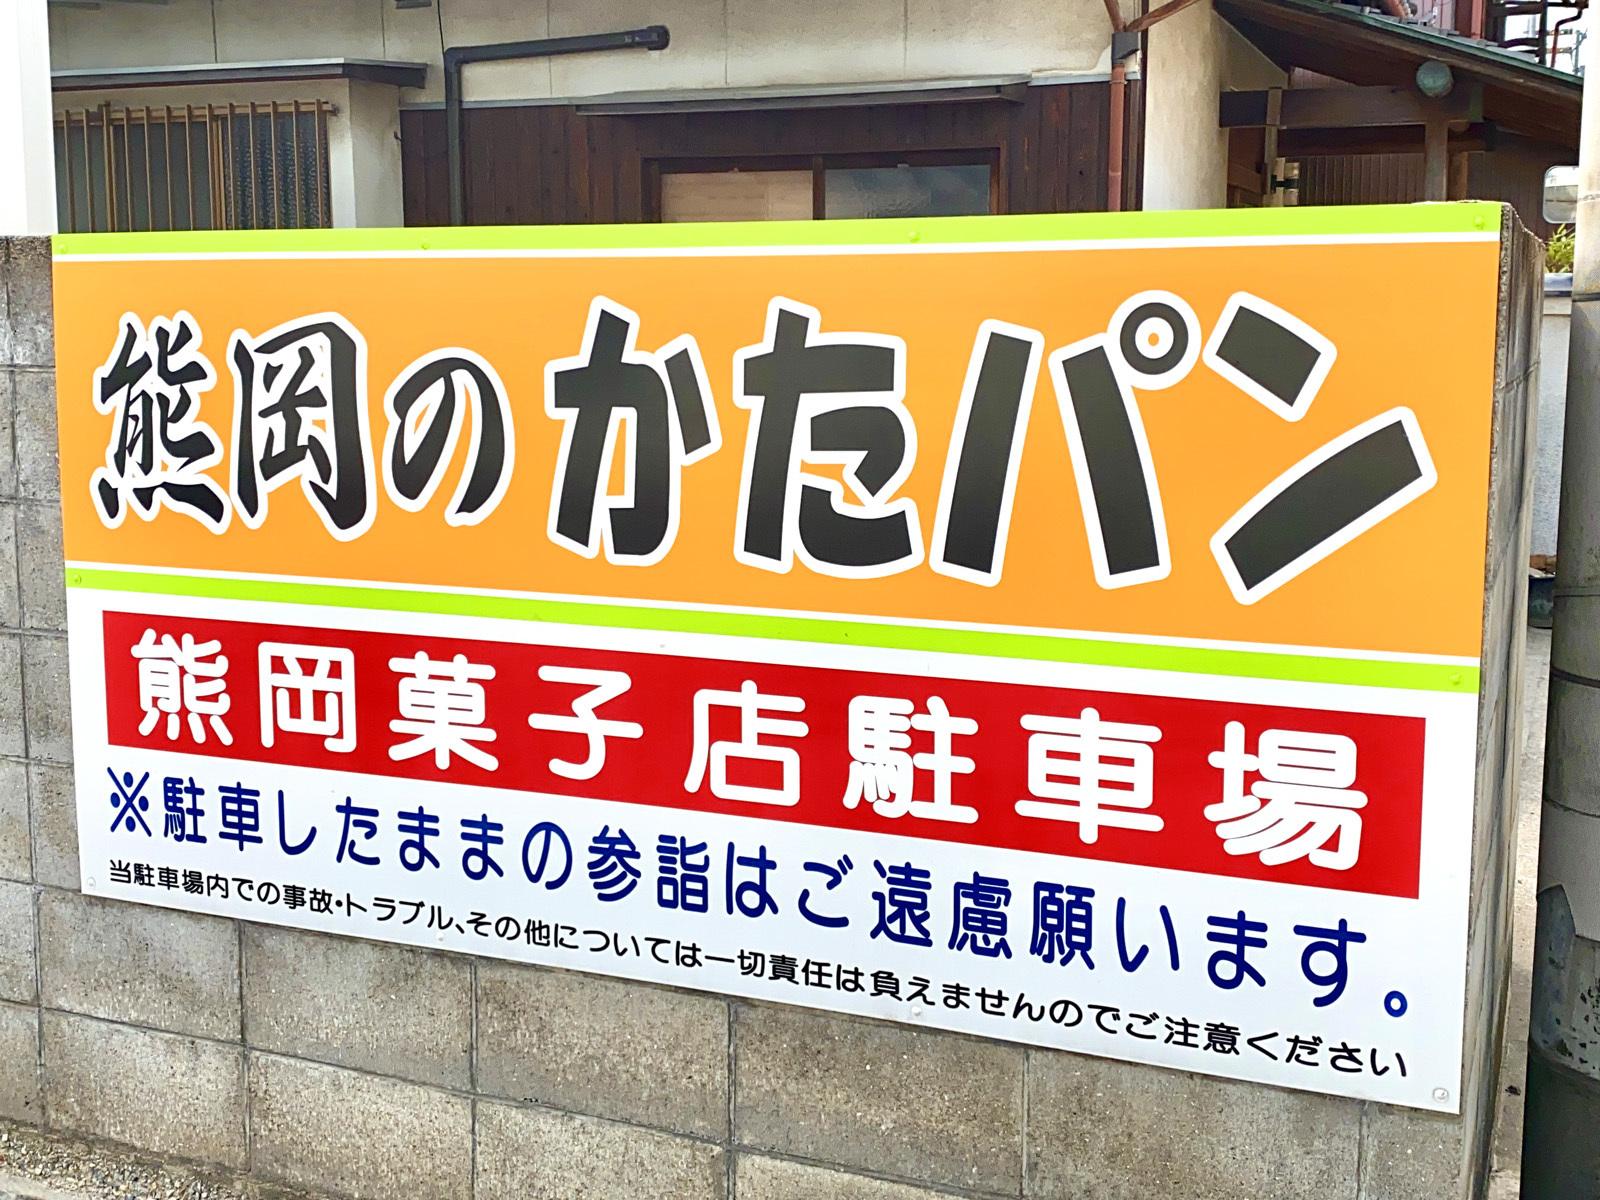 熊岡菓子店 01 駐車場看板.